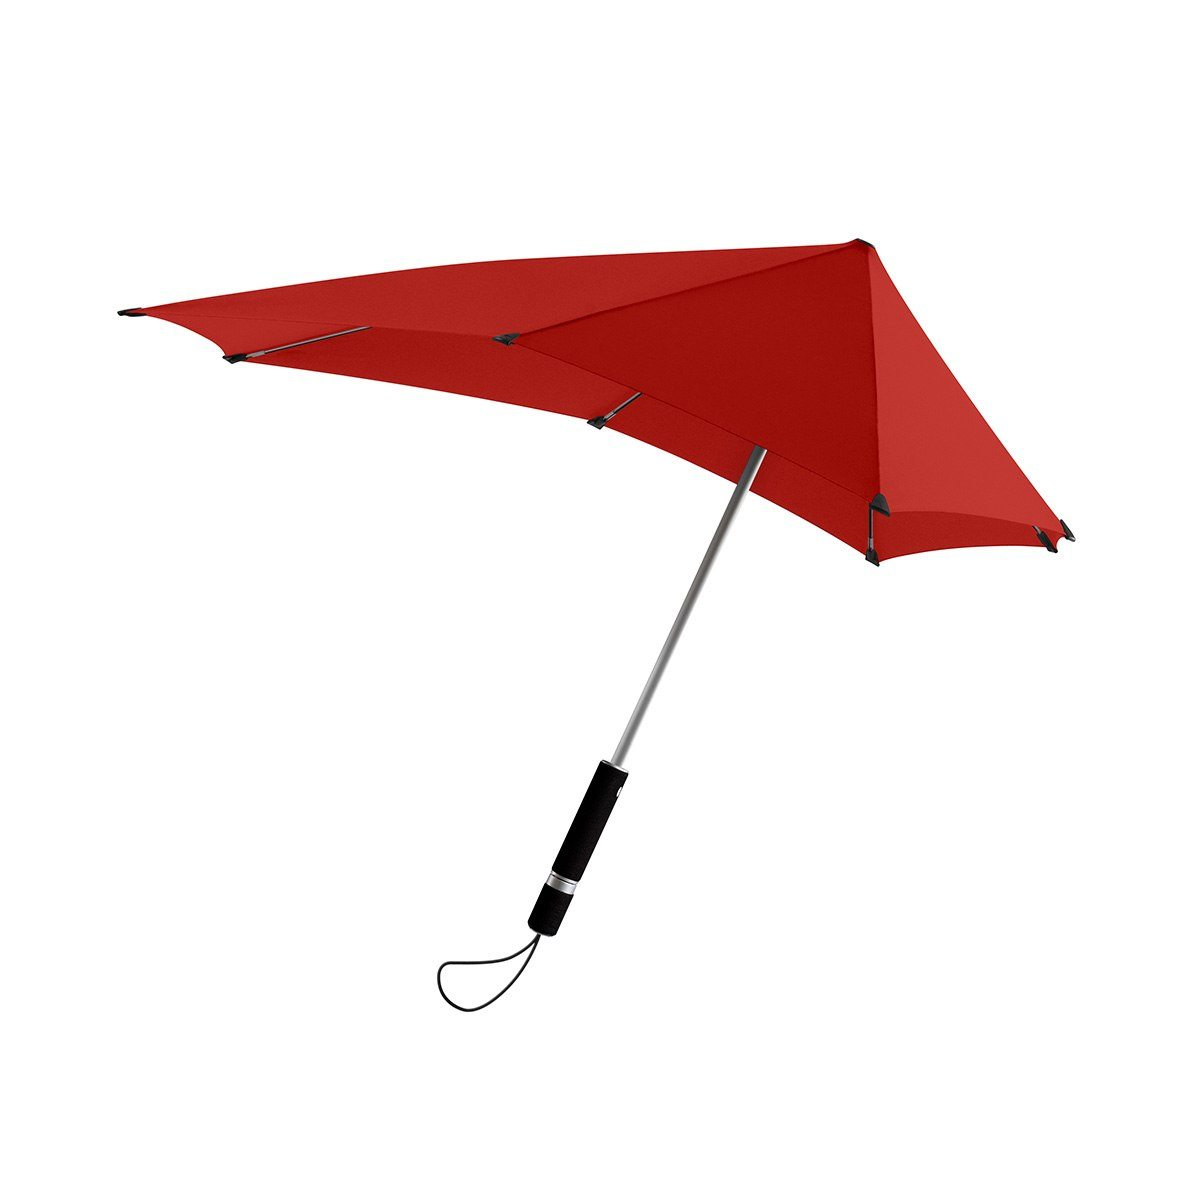 Senz Original Stormparaply